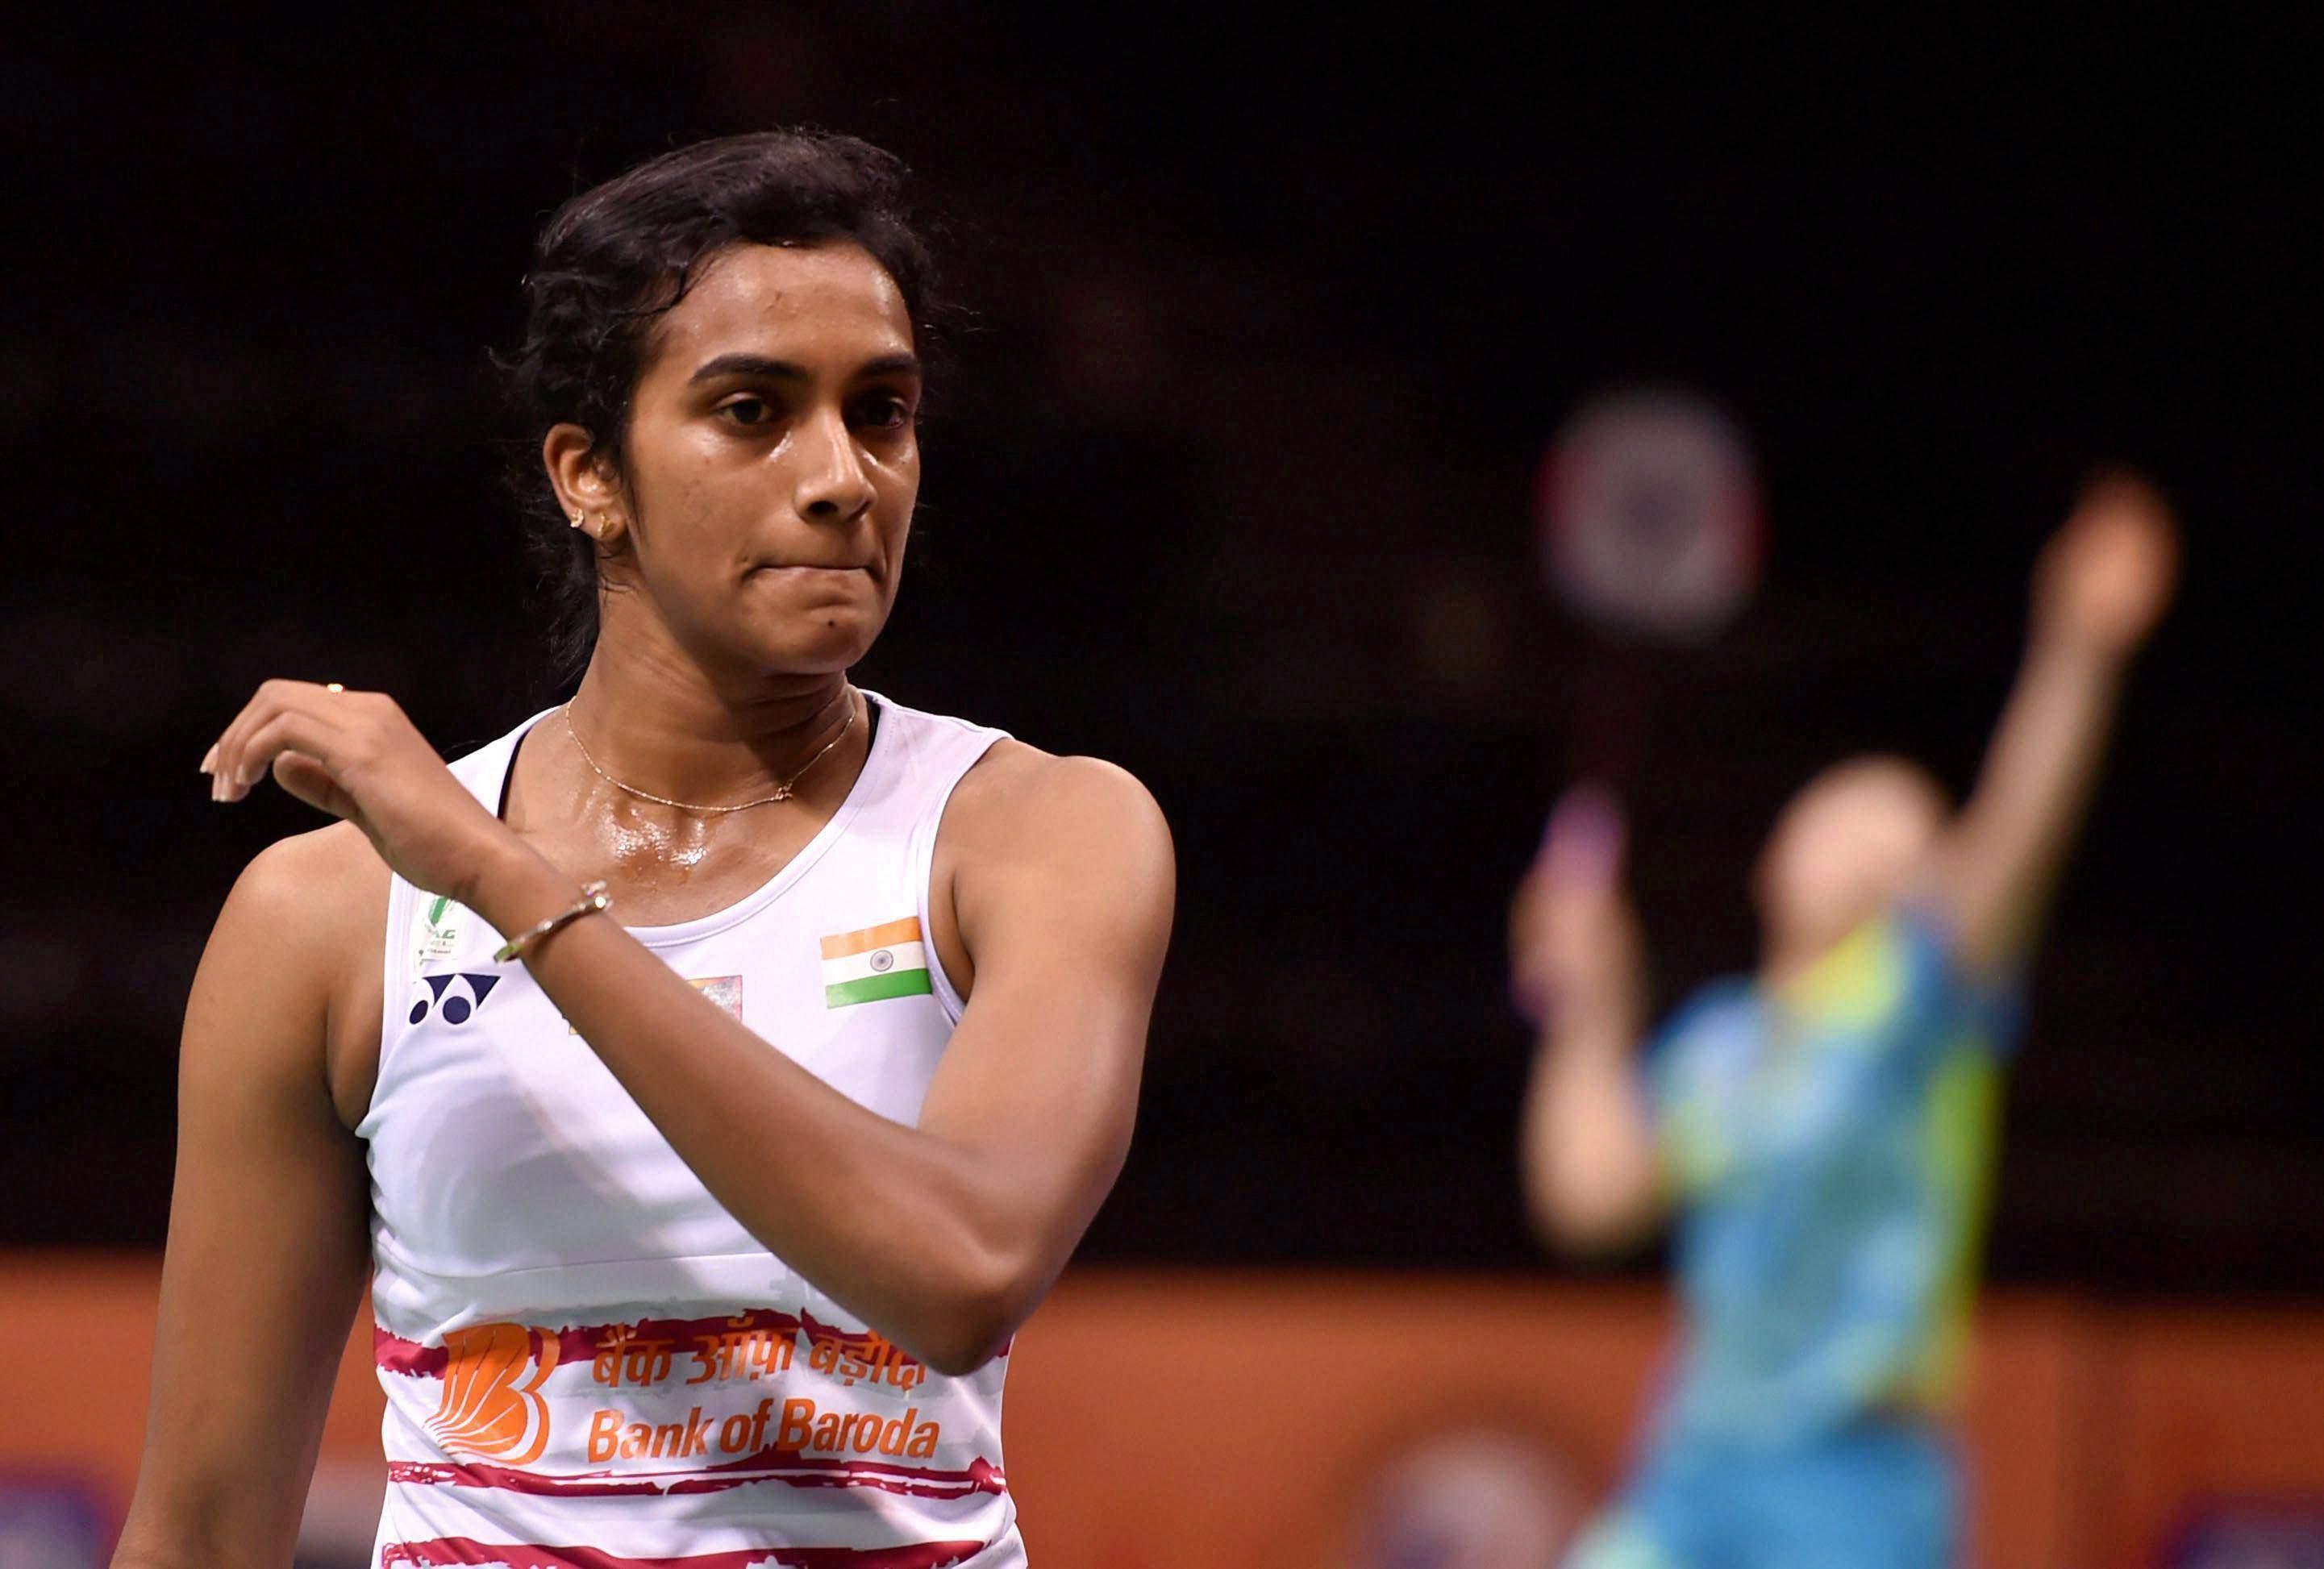 बैडमिंटनः पीवी सिधु और प्रणीत पहुंचे क्वावर्टर फाइनल में, साइना और श्रीकांत हुए बाहर 3